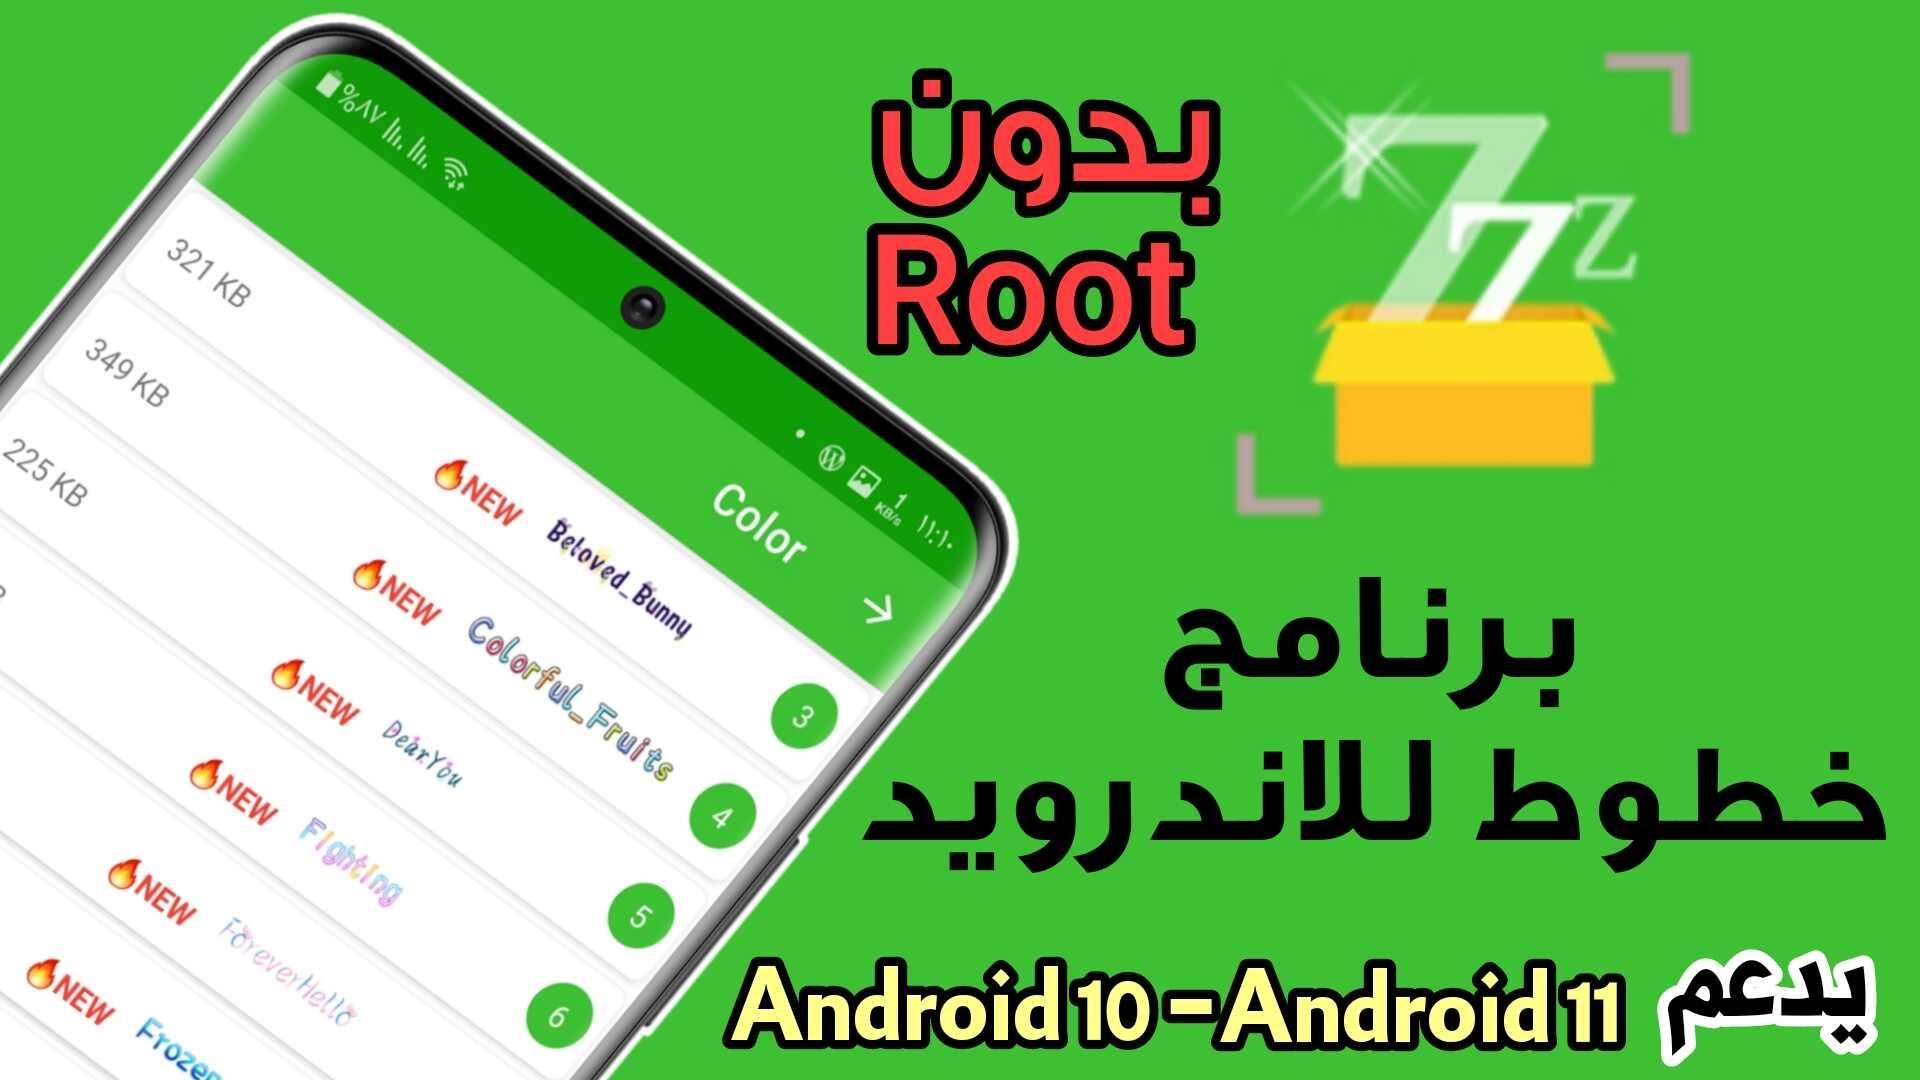 برنامج خطوط للاندرويد بدون روت يدعم Android 10 , Android 11